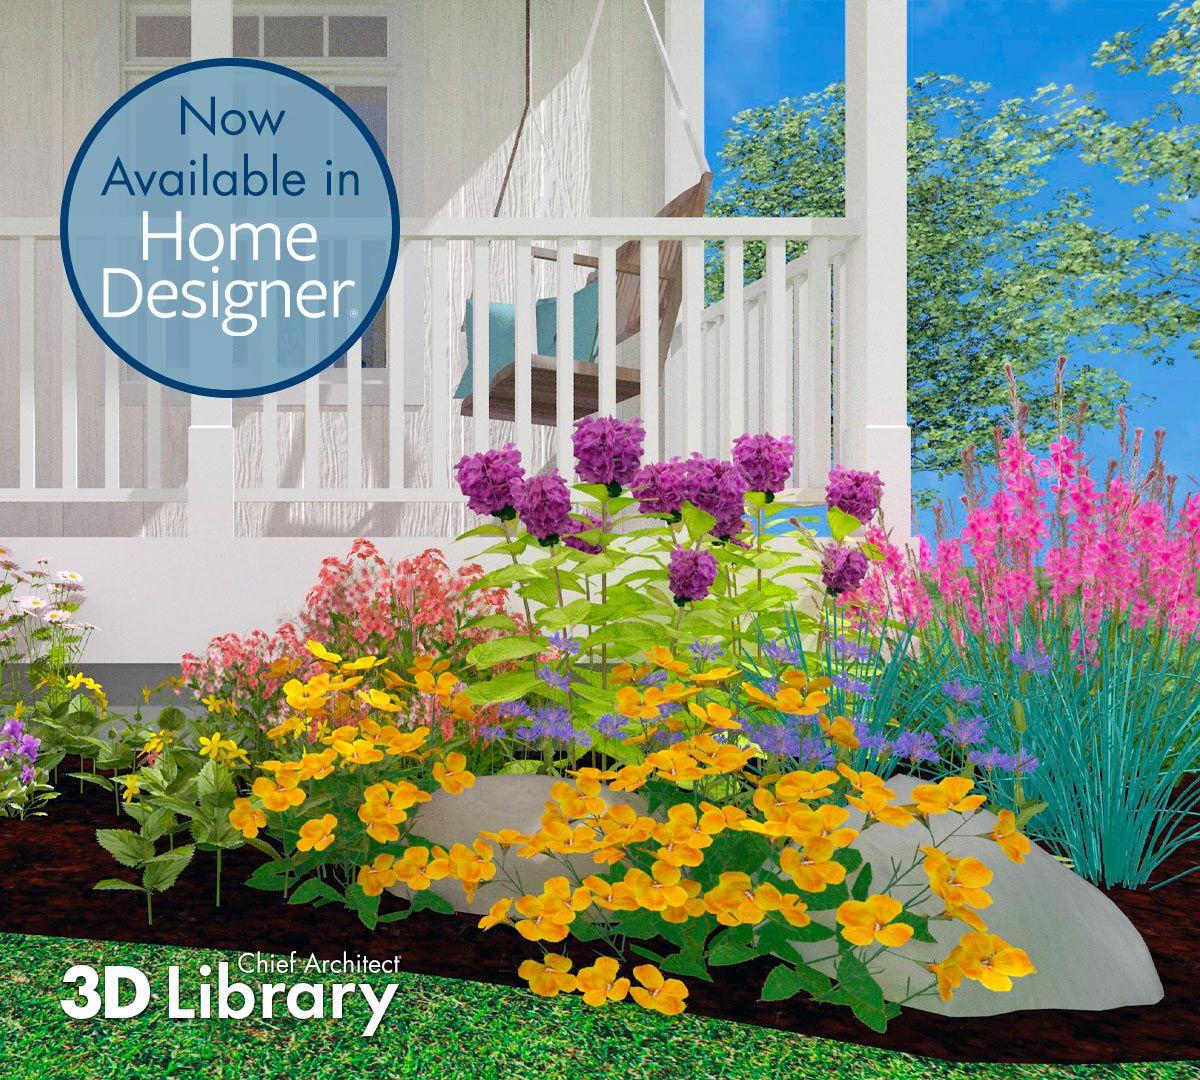 Plants 3d Models In 2020 Home Design Software 3d Home Design 3d Home Design Software